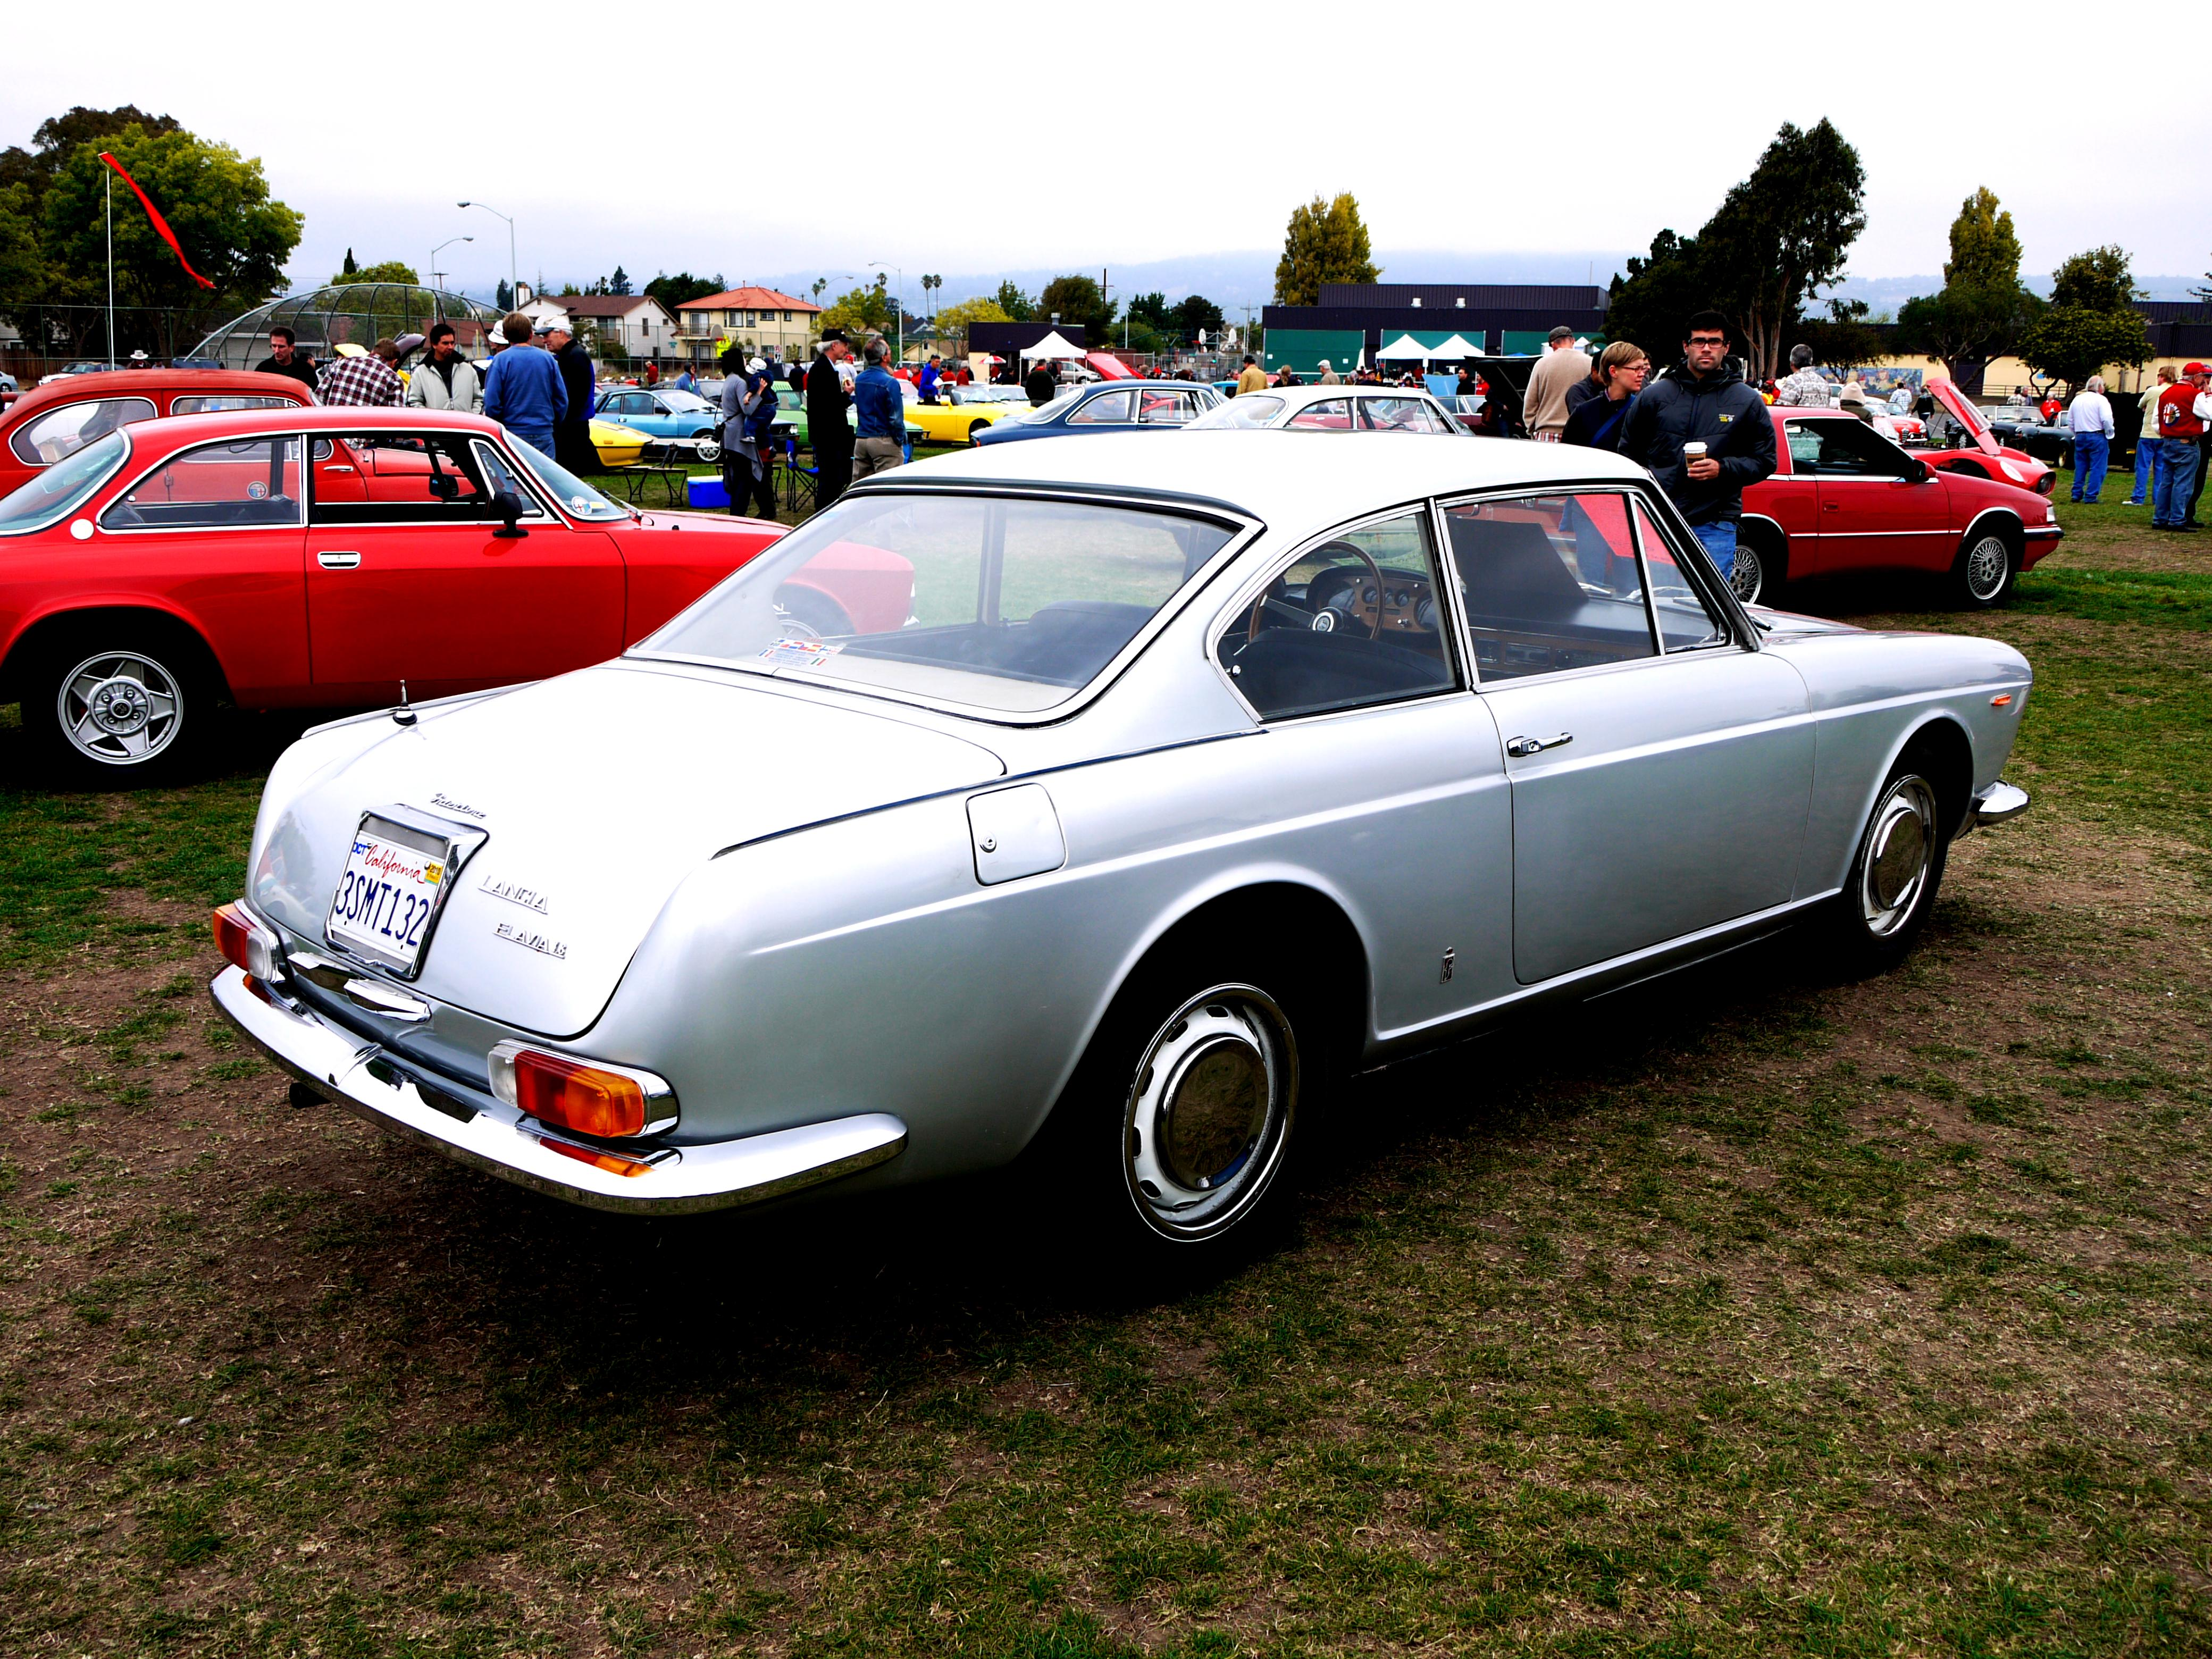 https://motoimg.com/images/lancia-2000-coupe-1971-03.jpg